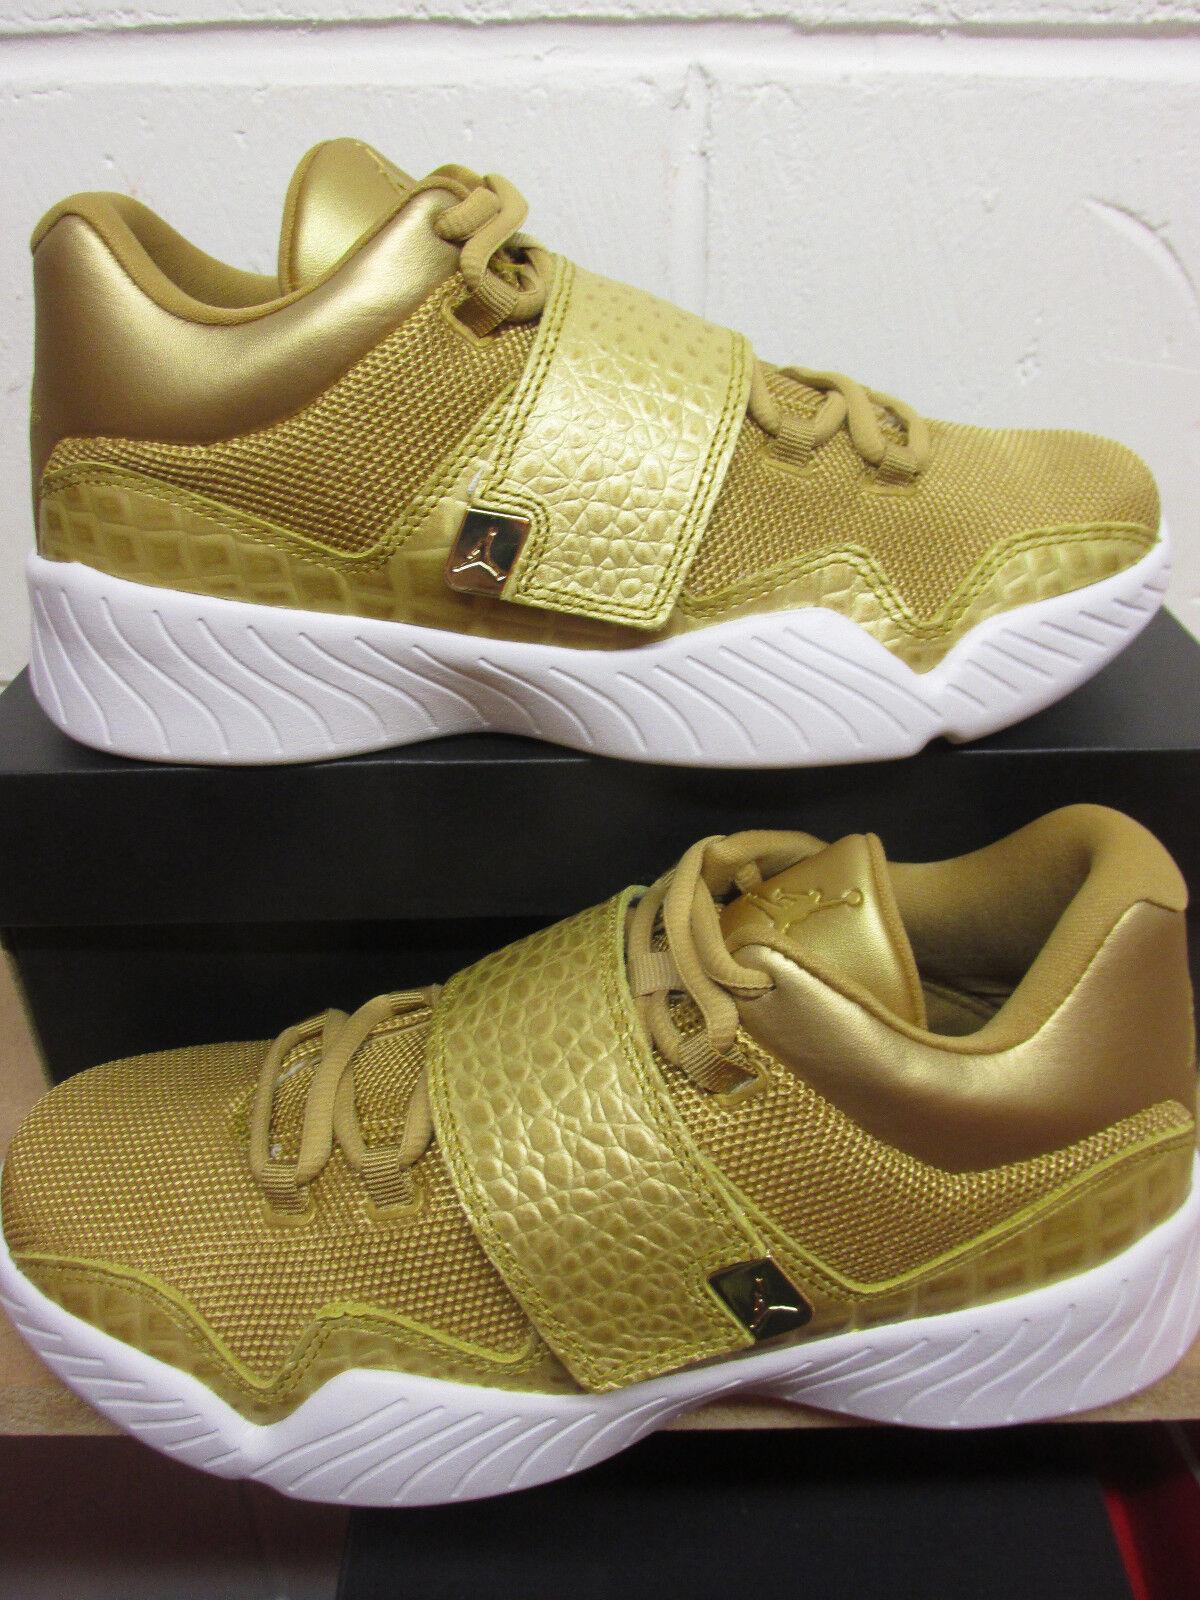 Nike air jordan j23 mens basket basket basket formatori 854557 700 scarpe, scarpe | Up-to-date Styling  | Maschio/Ragazze Scarpa  73610c